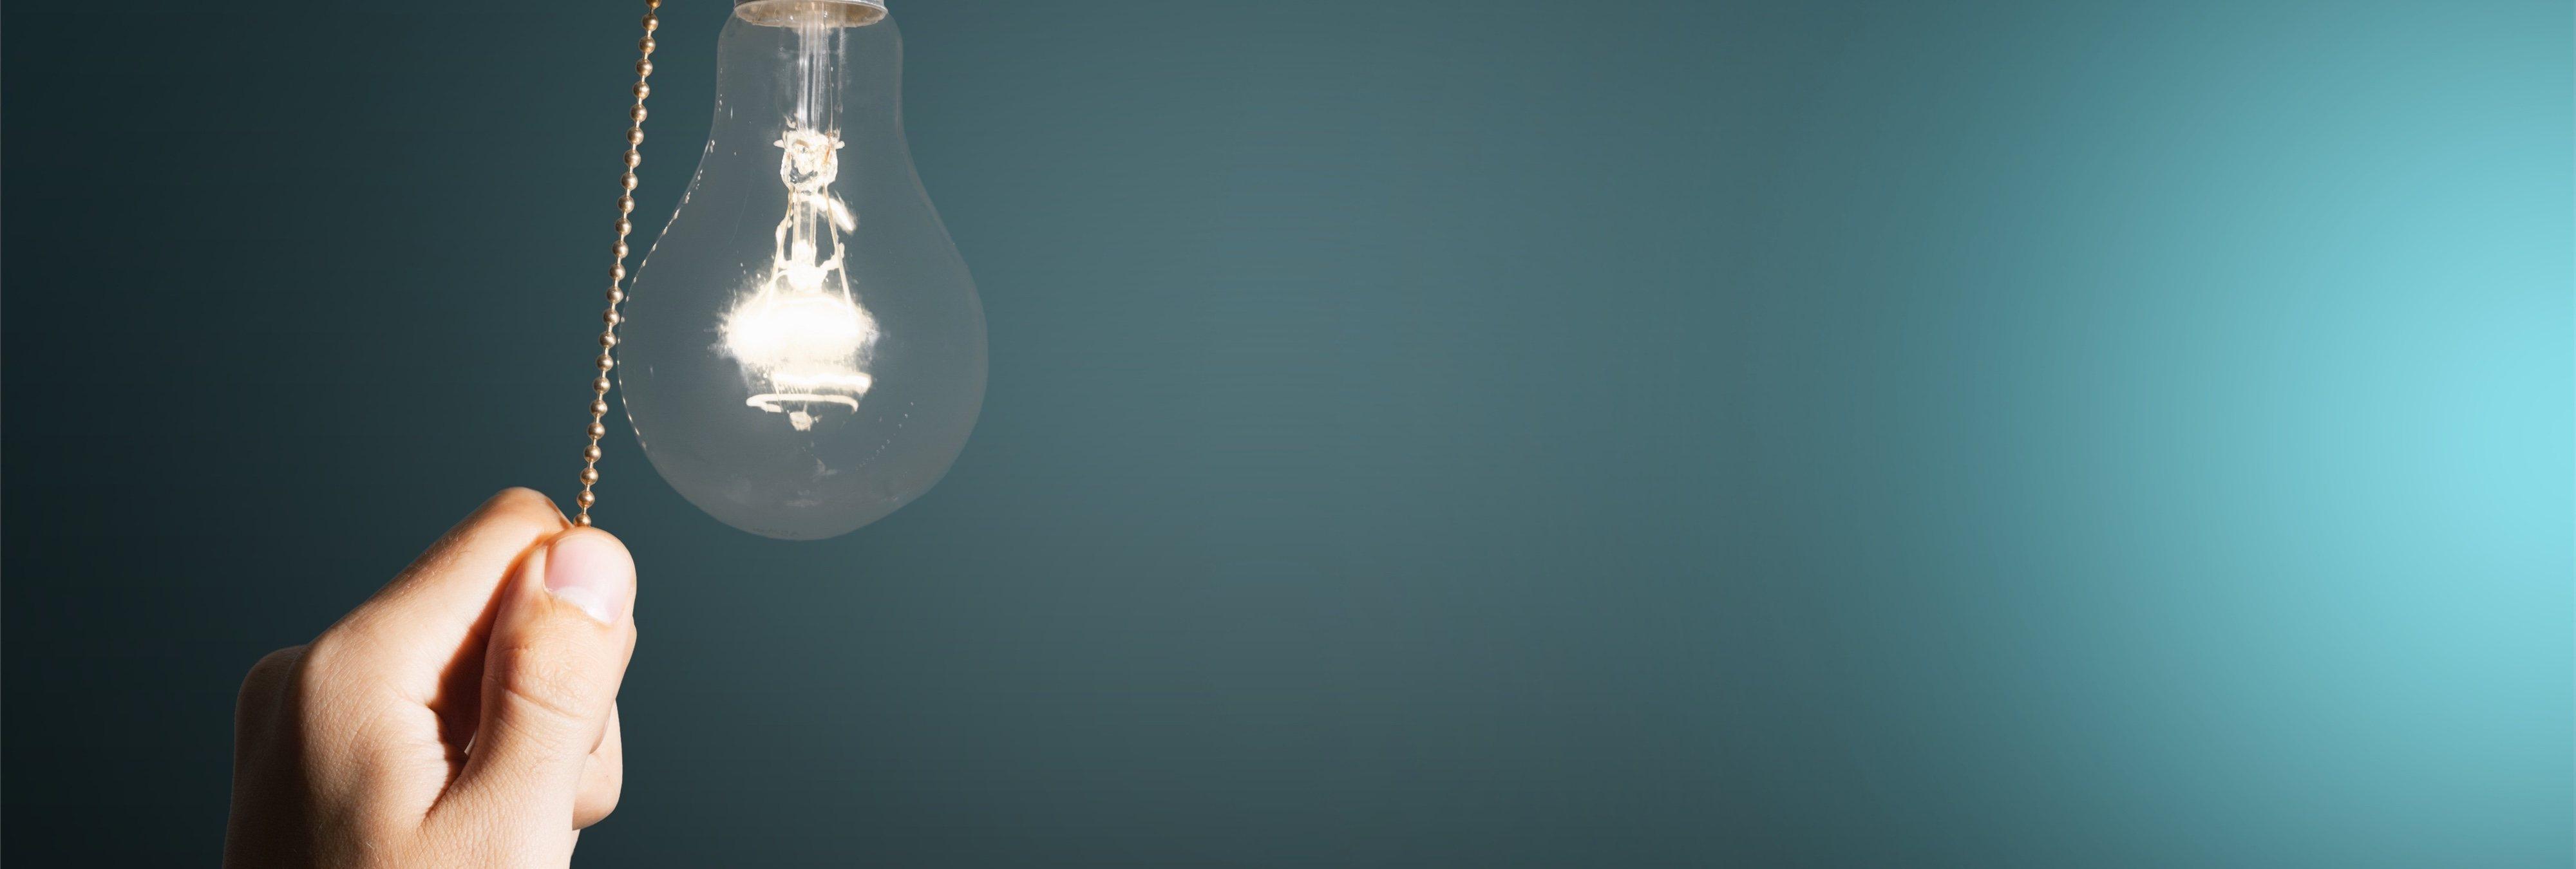 Las compañías eléctricas te están engañando con sus fraudulentos contratos de la luz